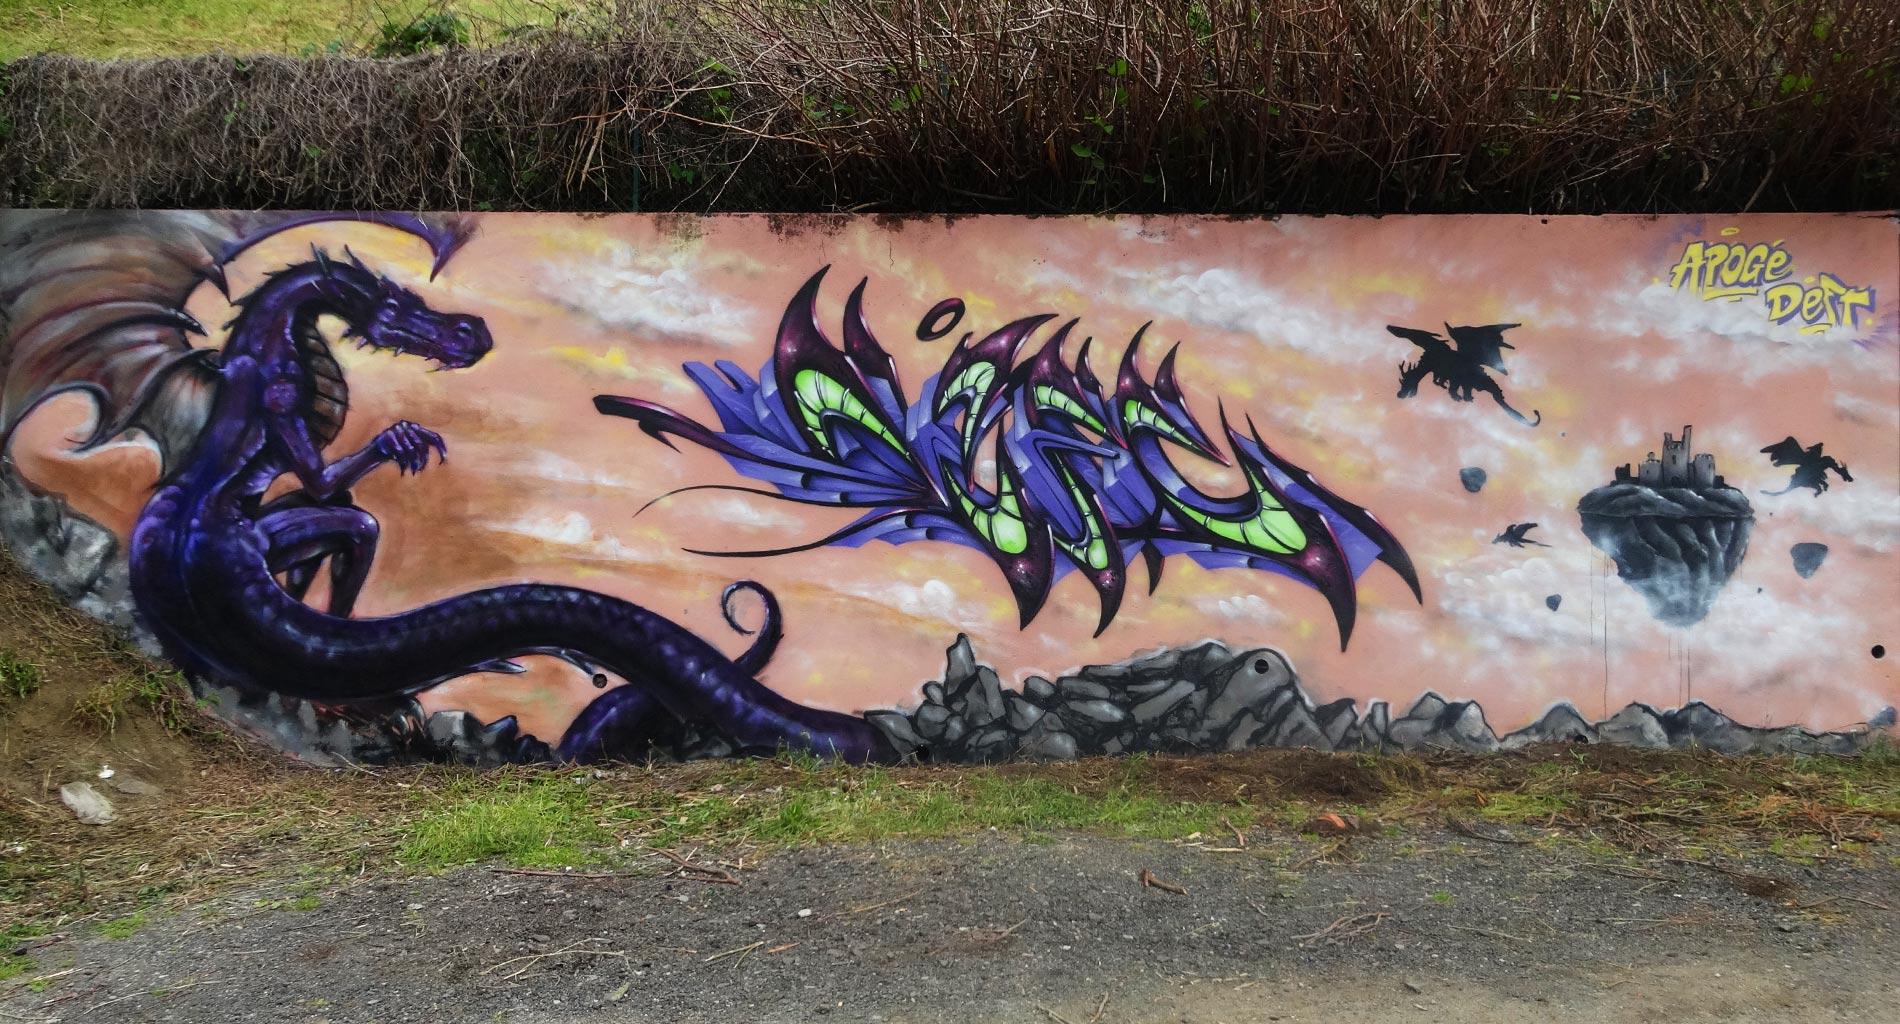 Apogé & Deft - Graffiti - La Glacière - Street Art - Clermont-Ferrand